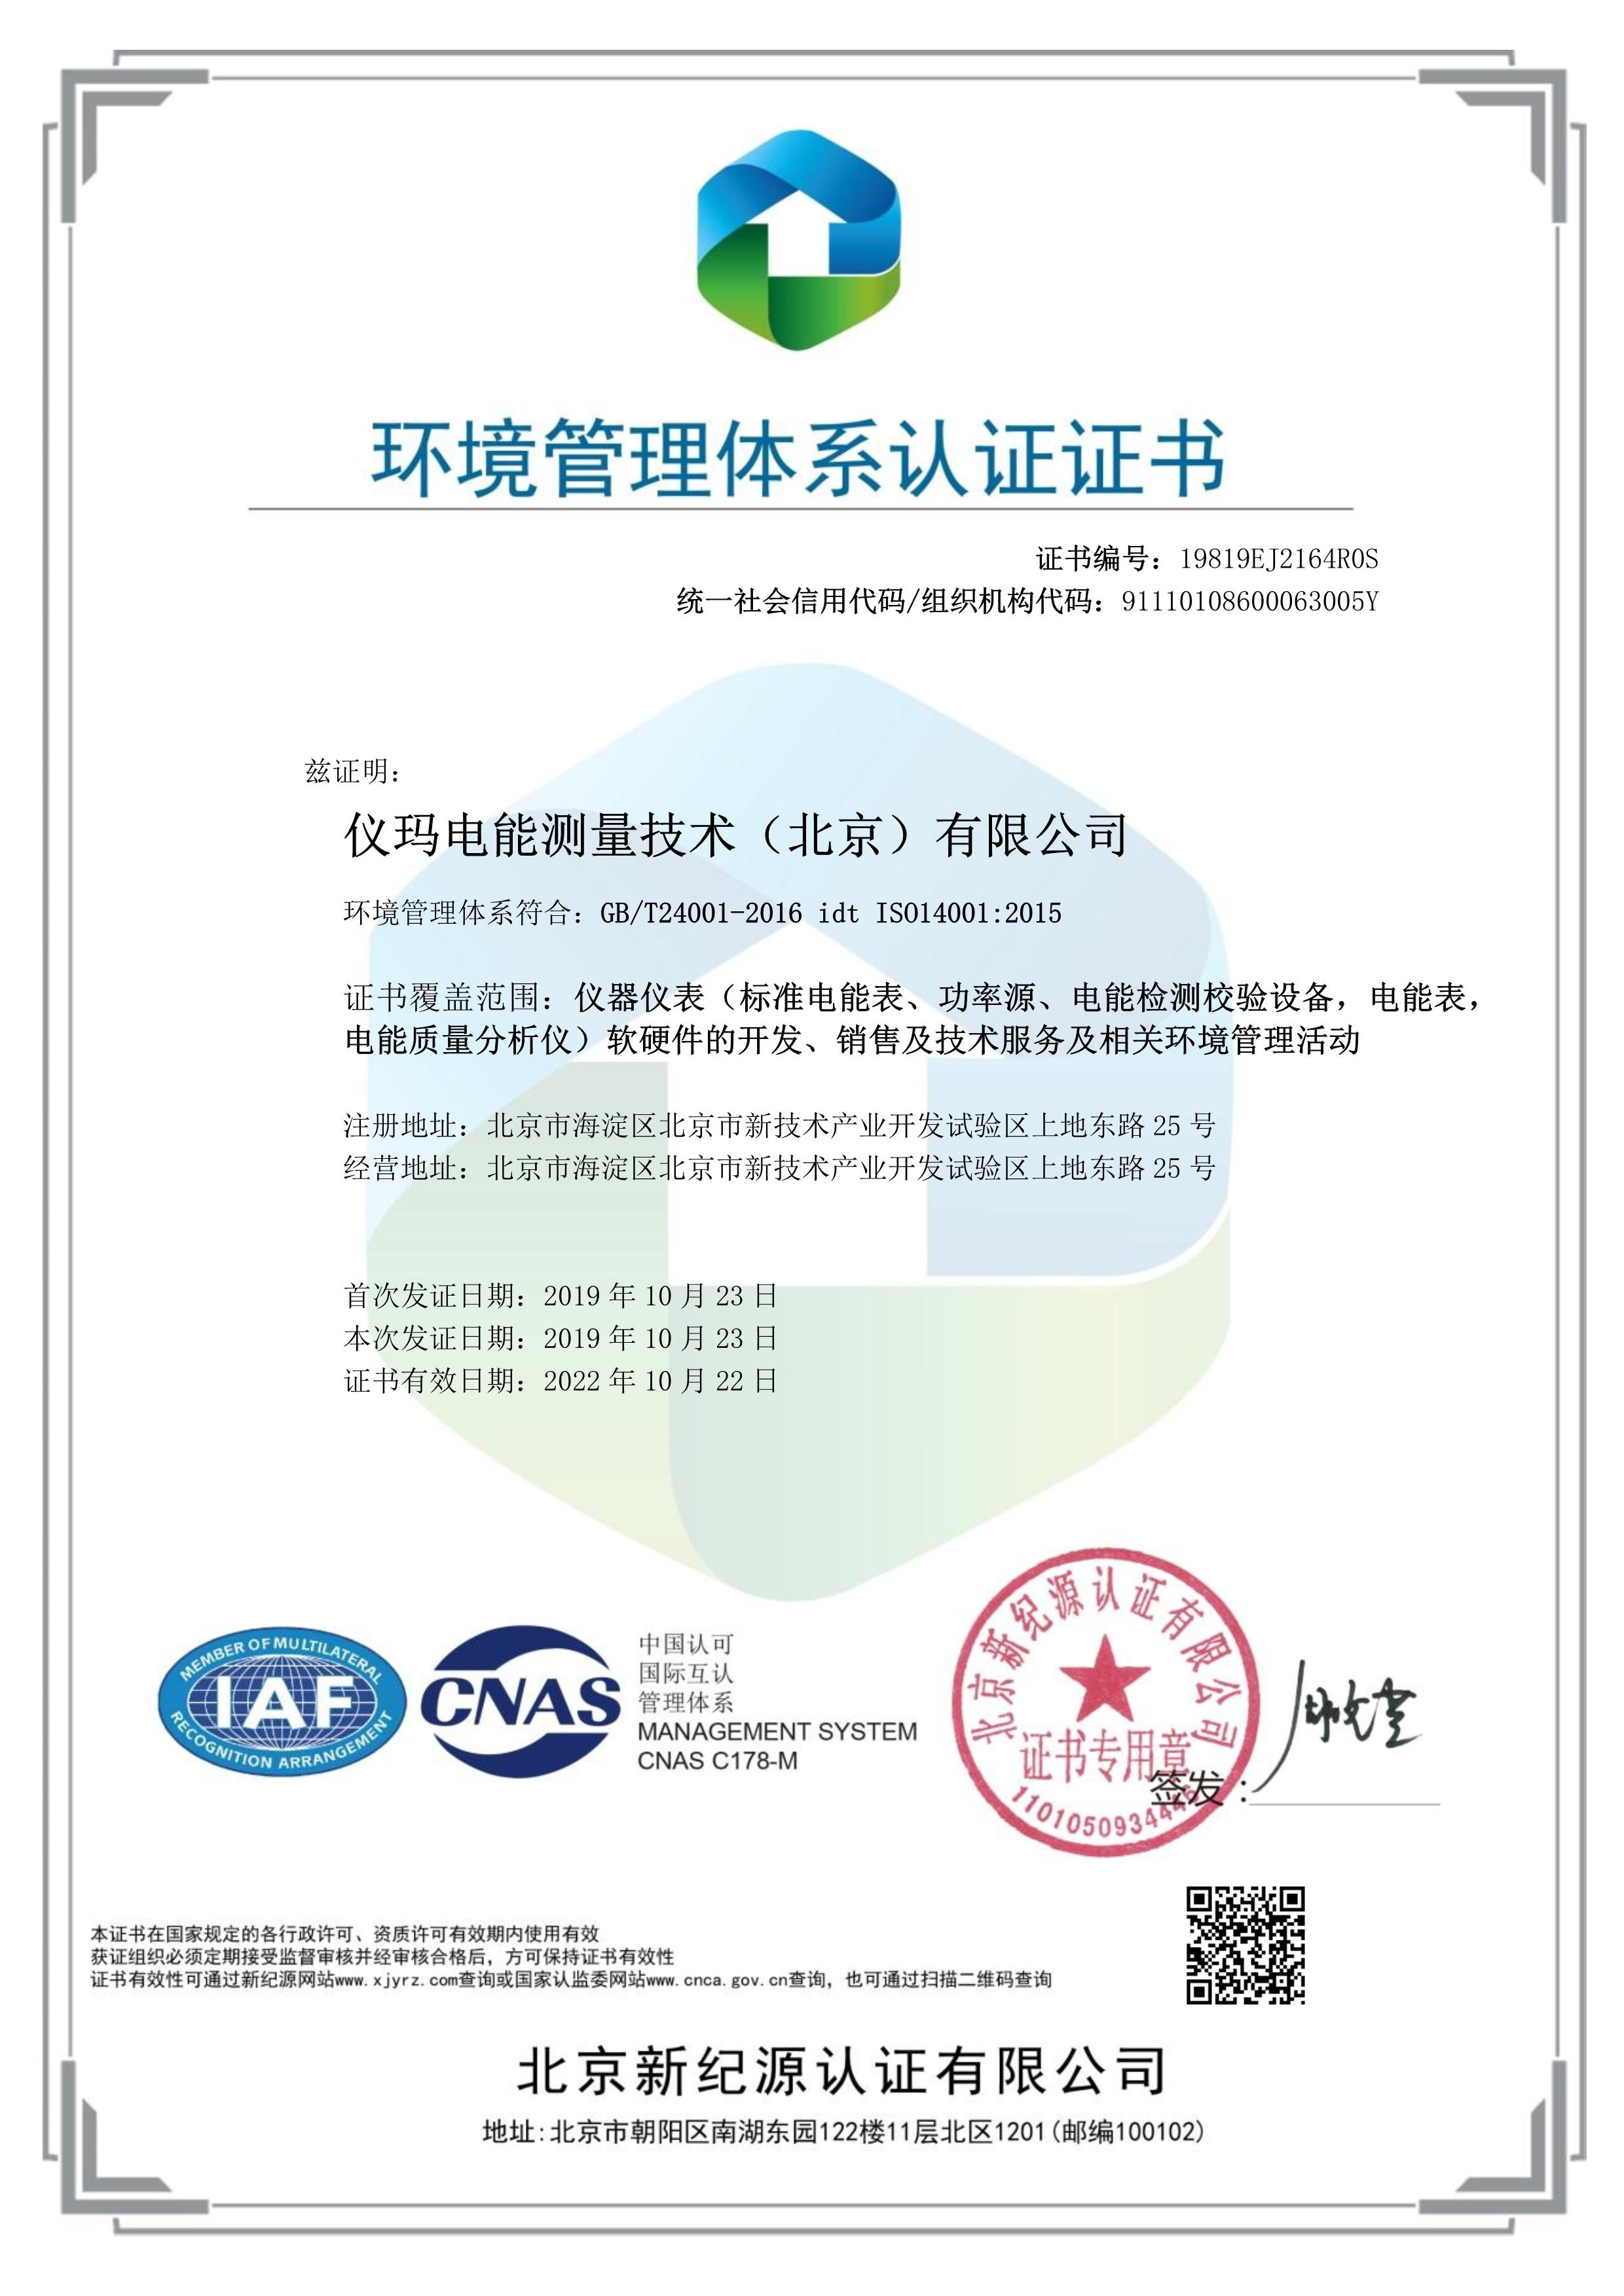 江西质量管理体系证书人数有效期